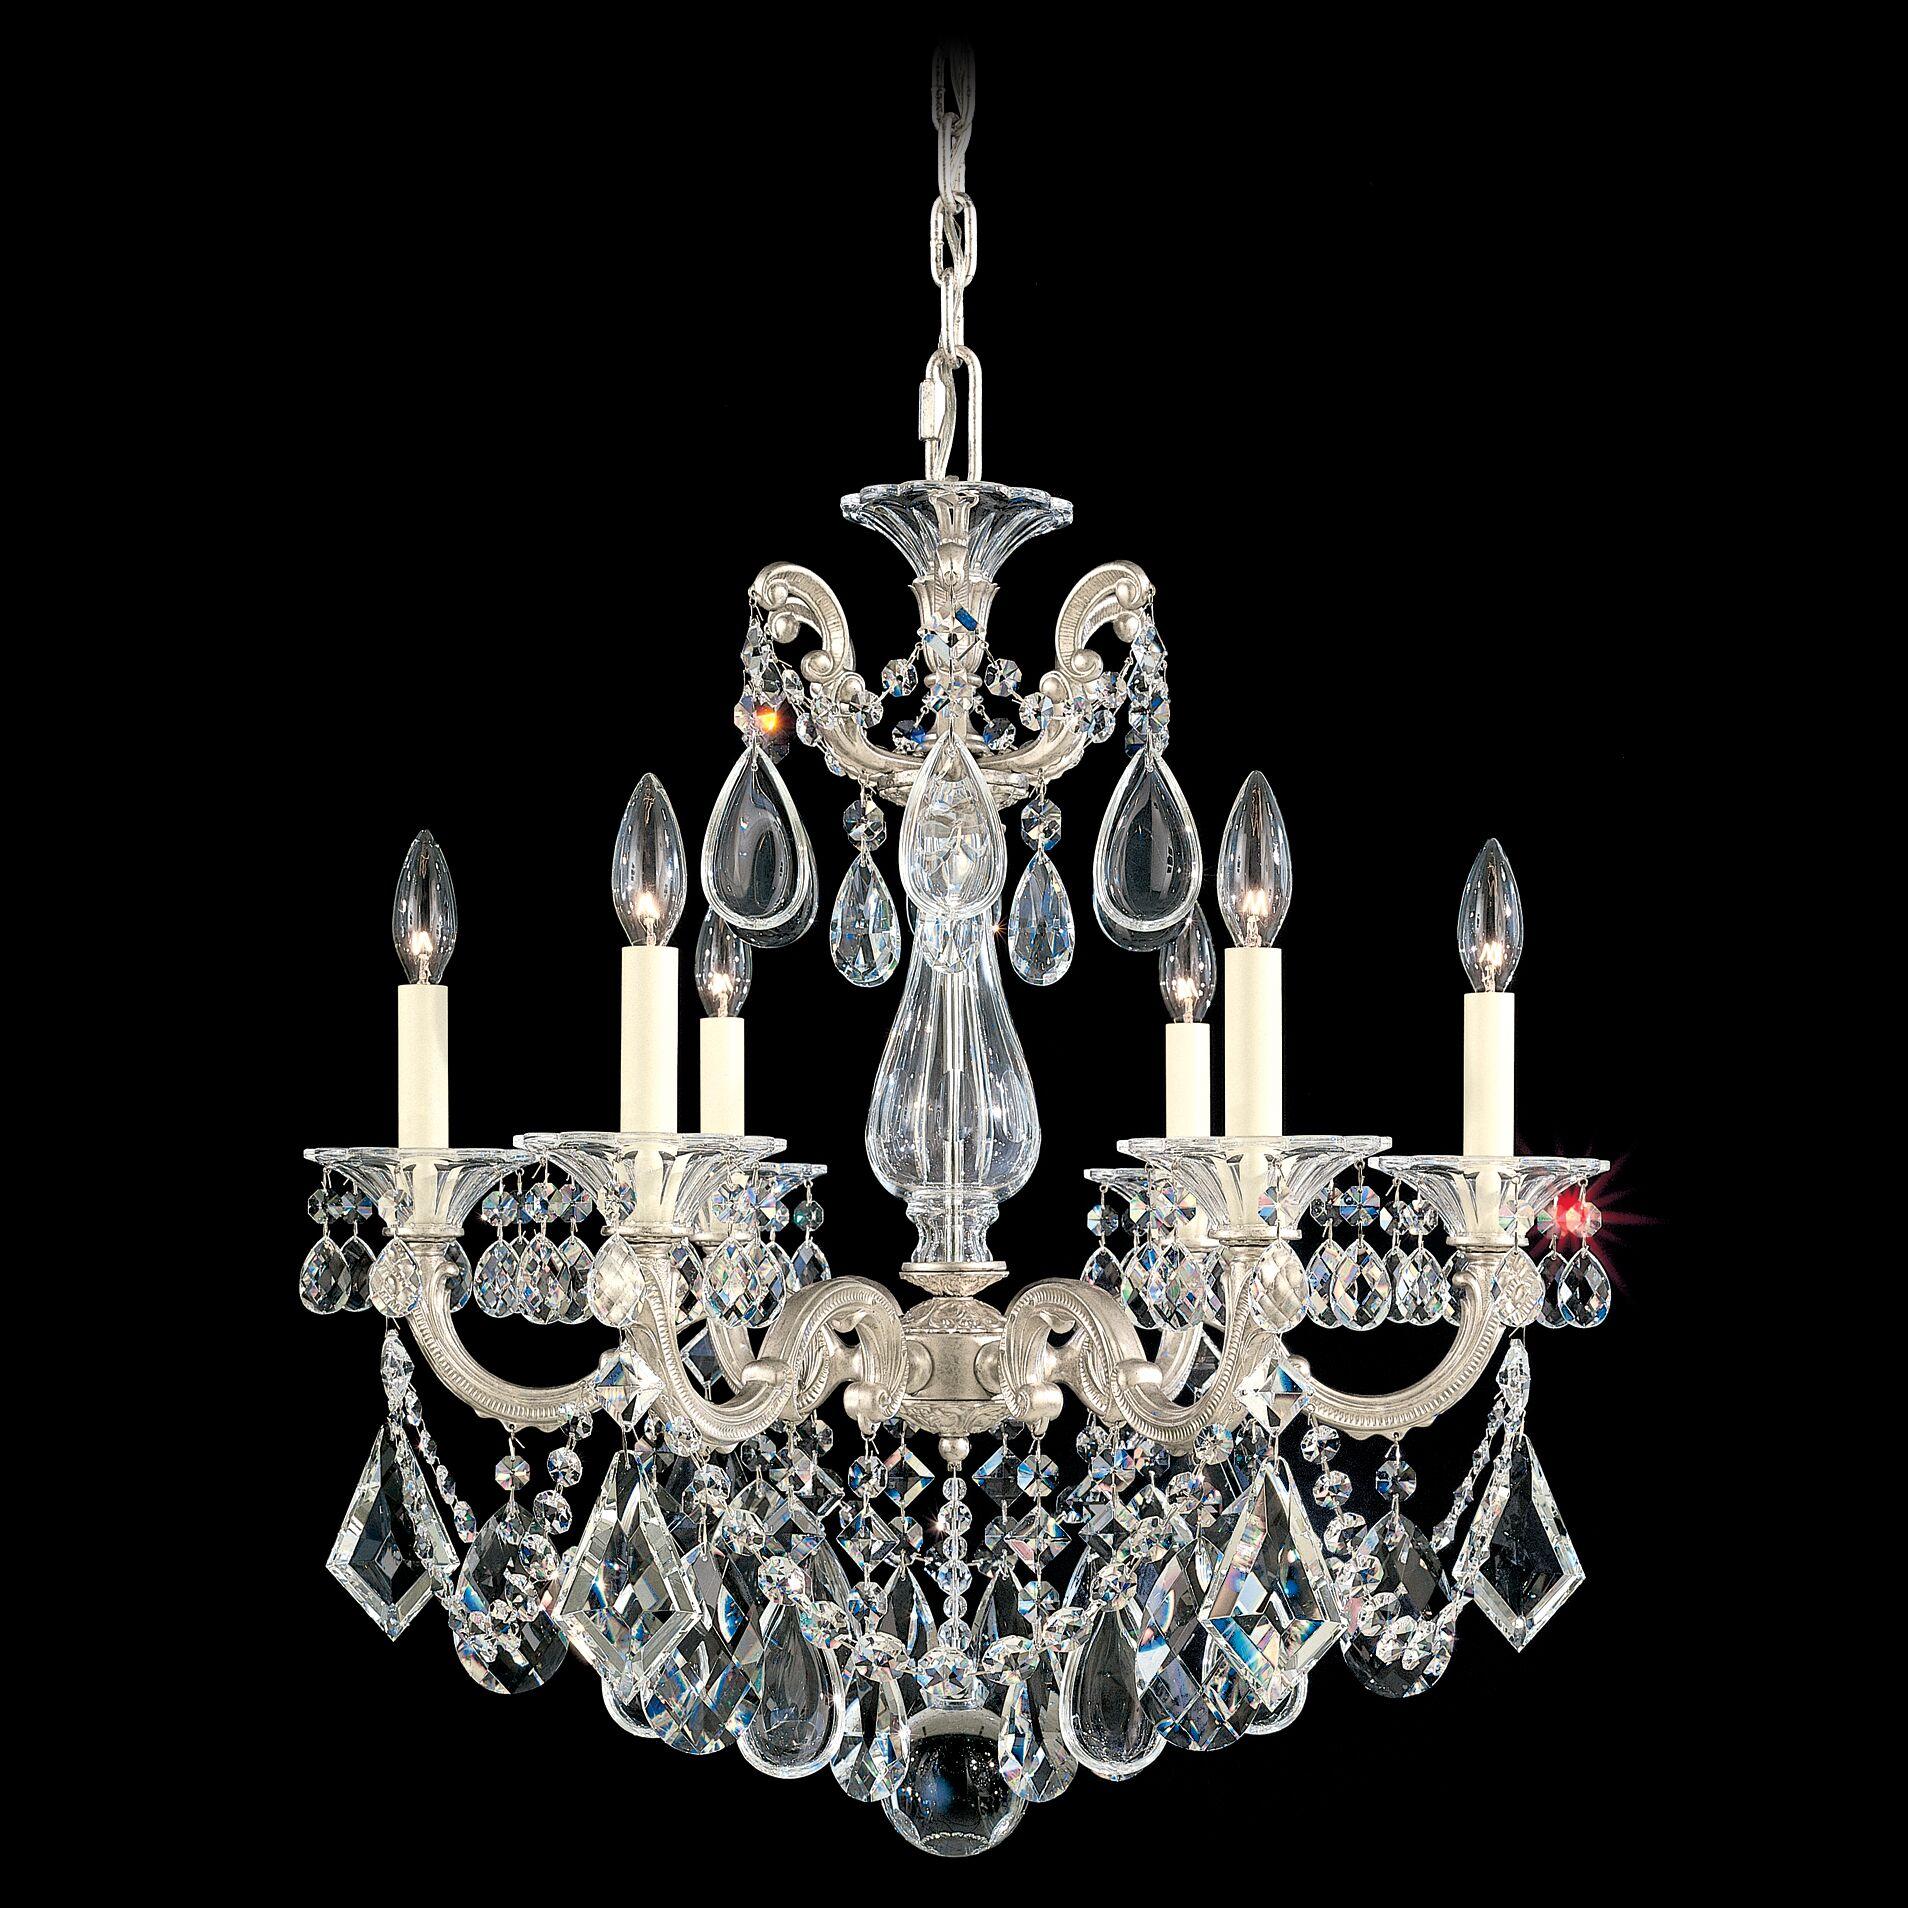 La Scala 6-Light Chandelier